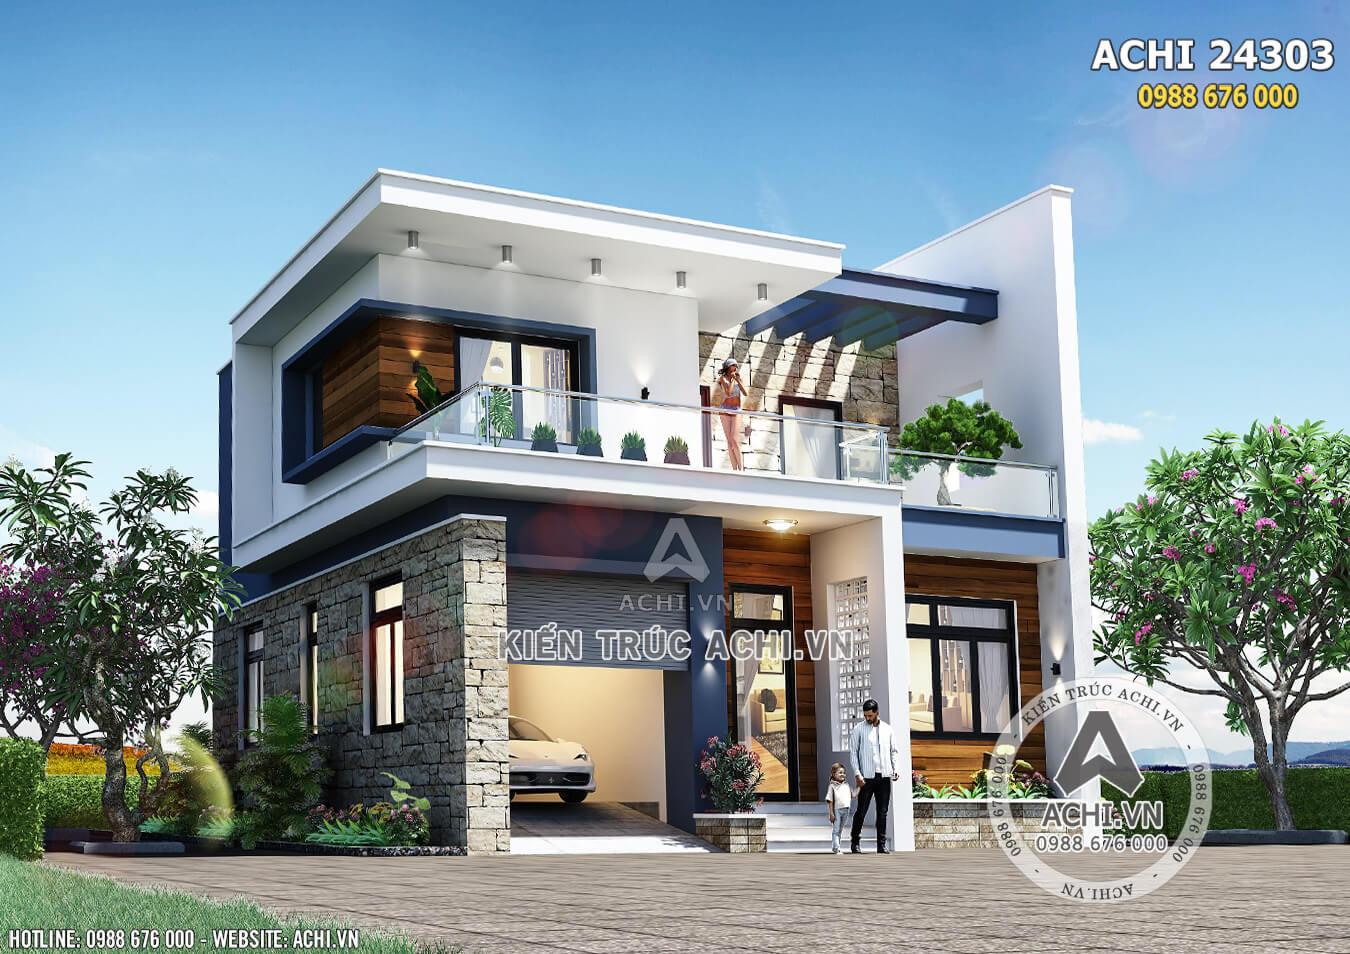 Hình ảnh: Một góc view đẹp mẫu nhà 2 tầng đơn giản– Mã số: ACHI 24303